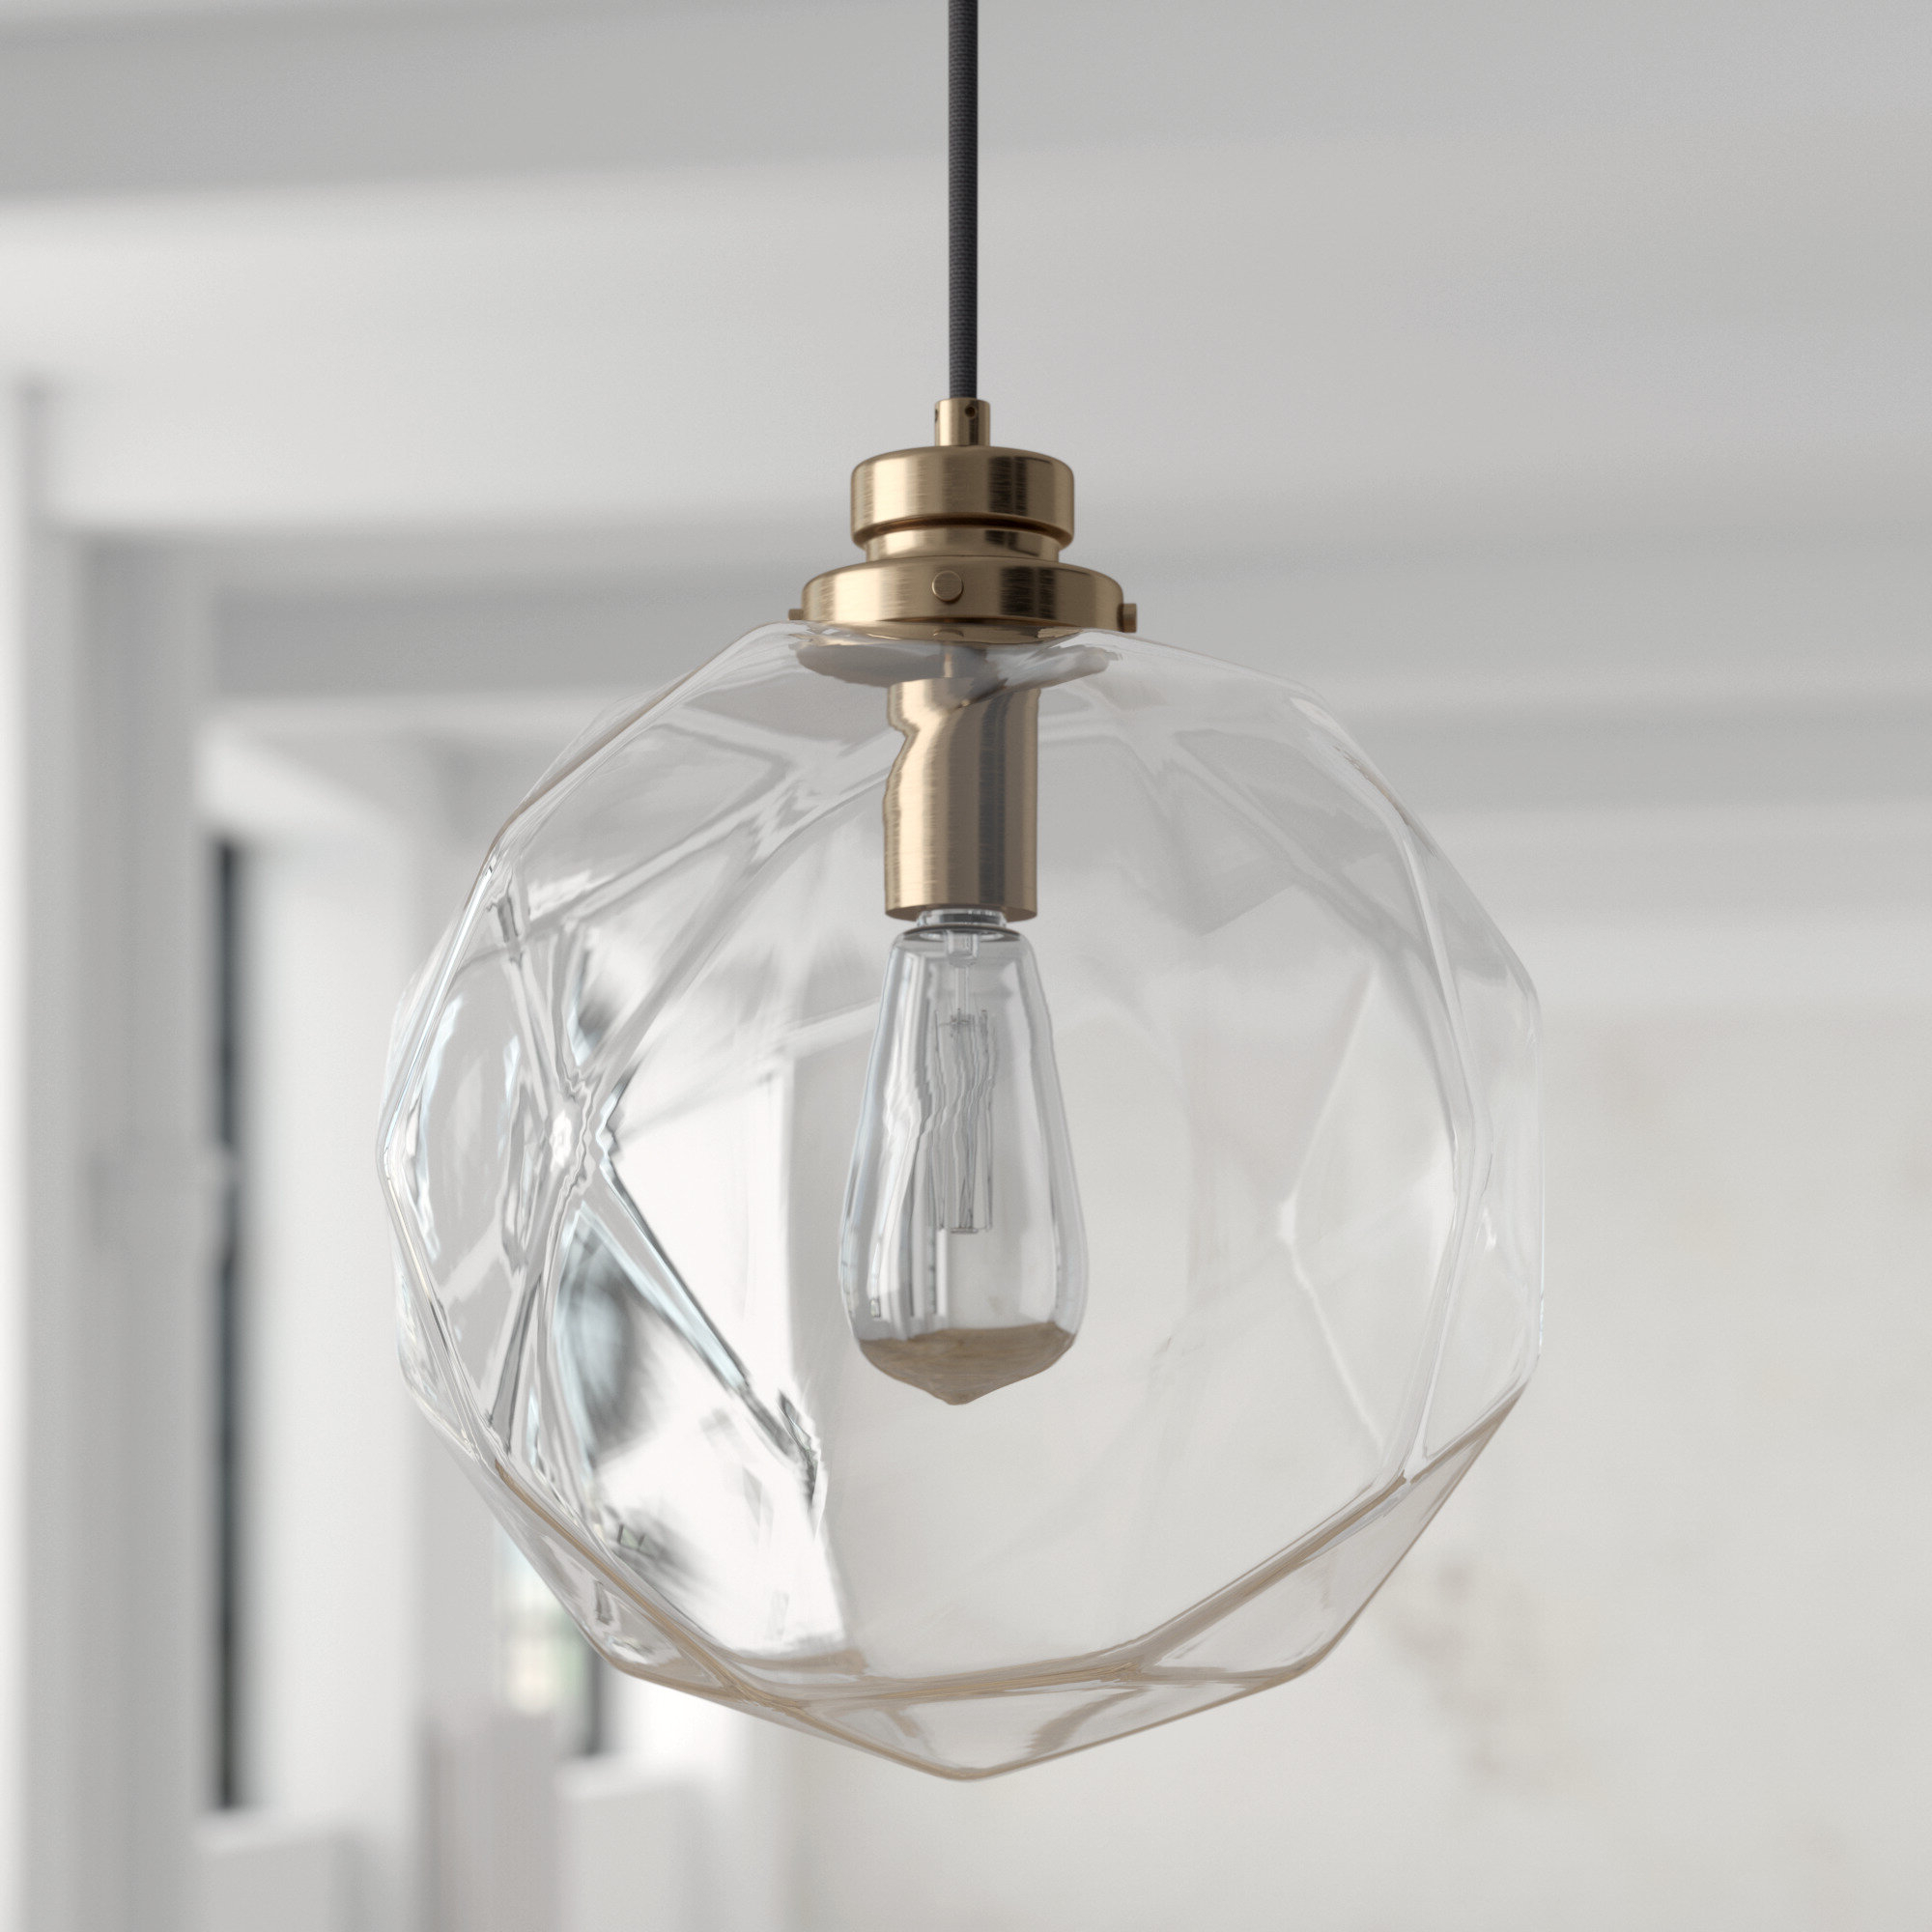 Fashionable 1 Light Geometric Globe Pendant For Roslindale 1 Light Single Bell Pendants (View 20 of 25)